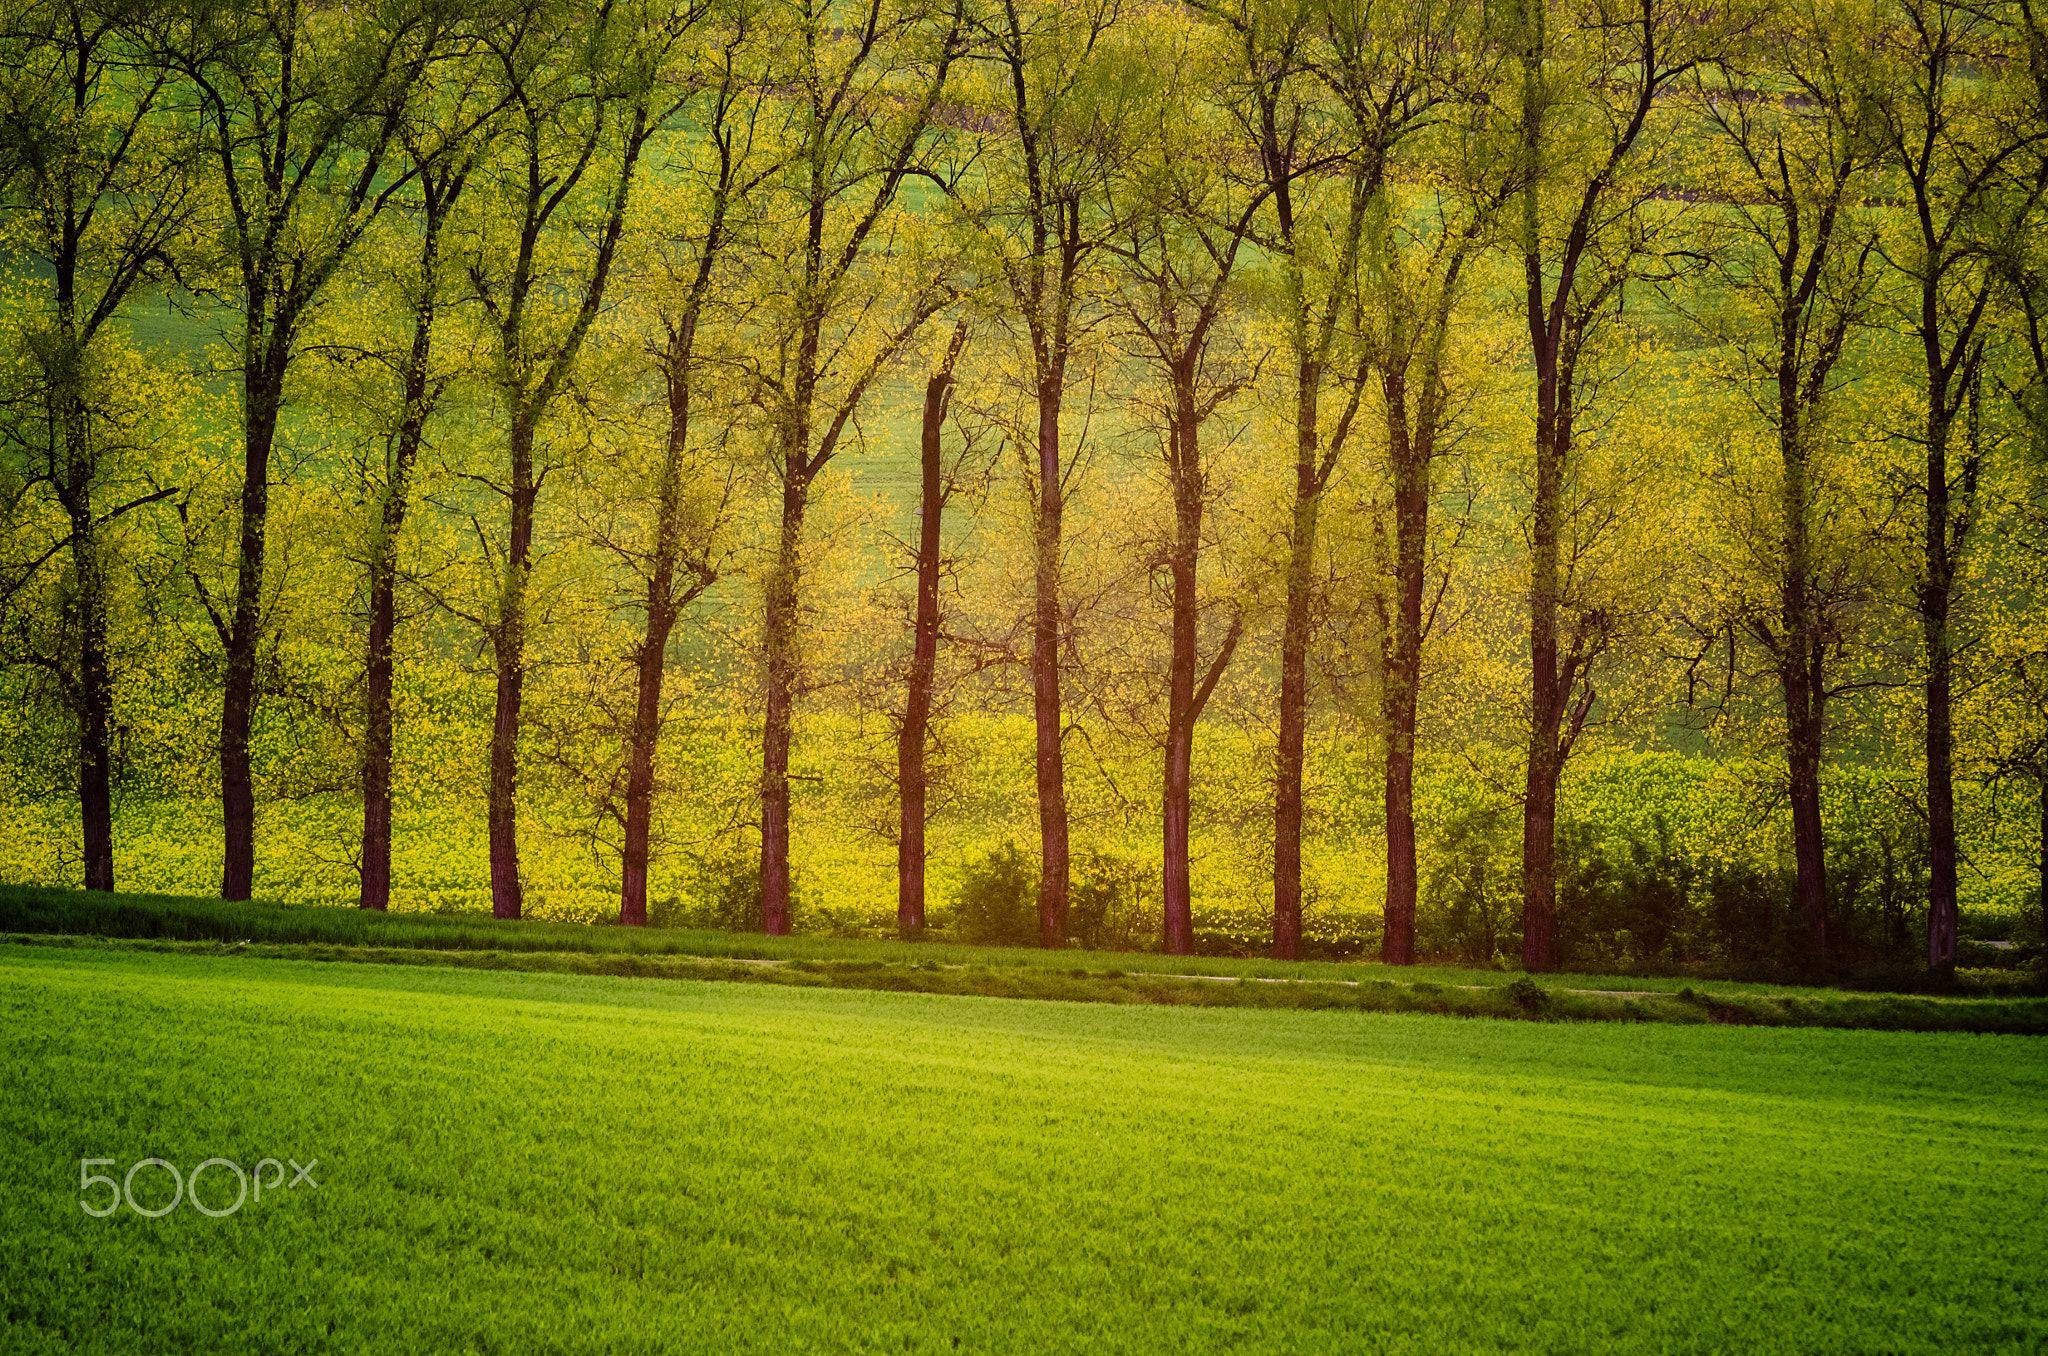 Beautiful Golden Trees Beautiful Golden Trees In Sun Rays With Meadow Natural Seasonal Background Golden Tree Tree Beautiful Beautiful landscape tree plants sun rays